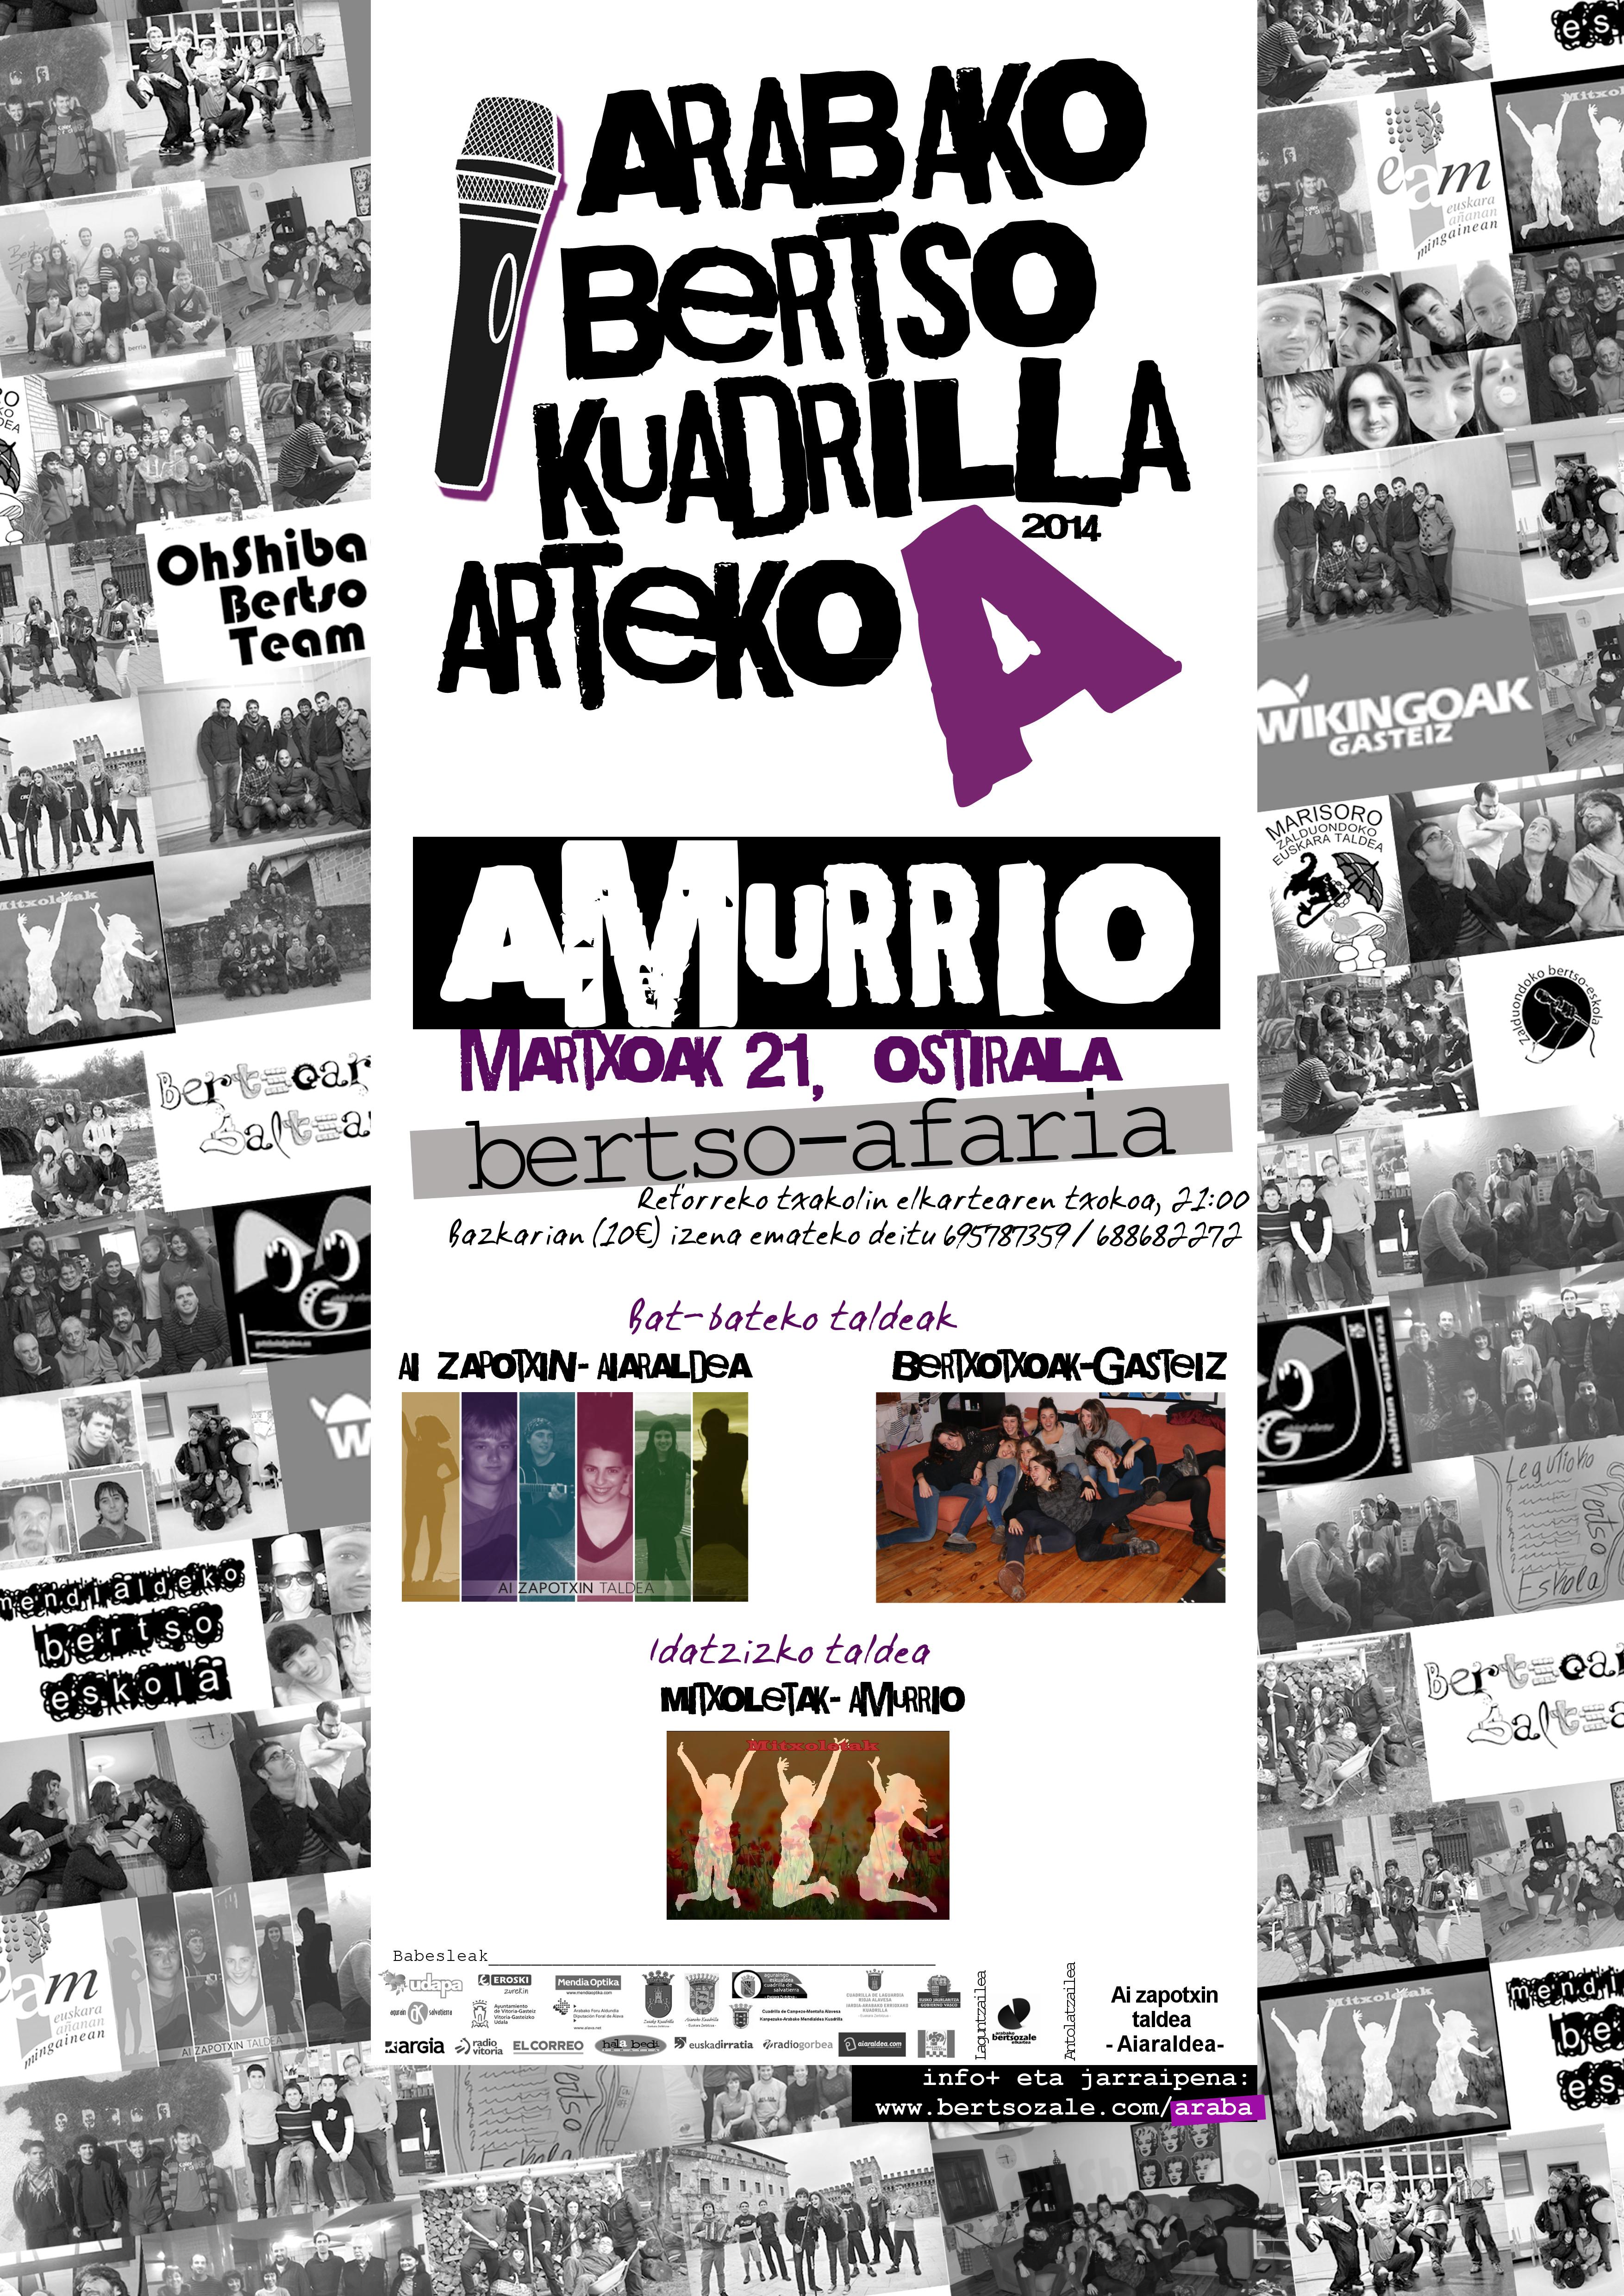 2014-03-21 kuadrilla artekoa amurrio